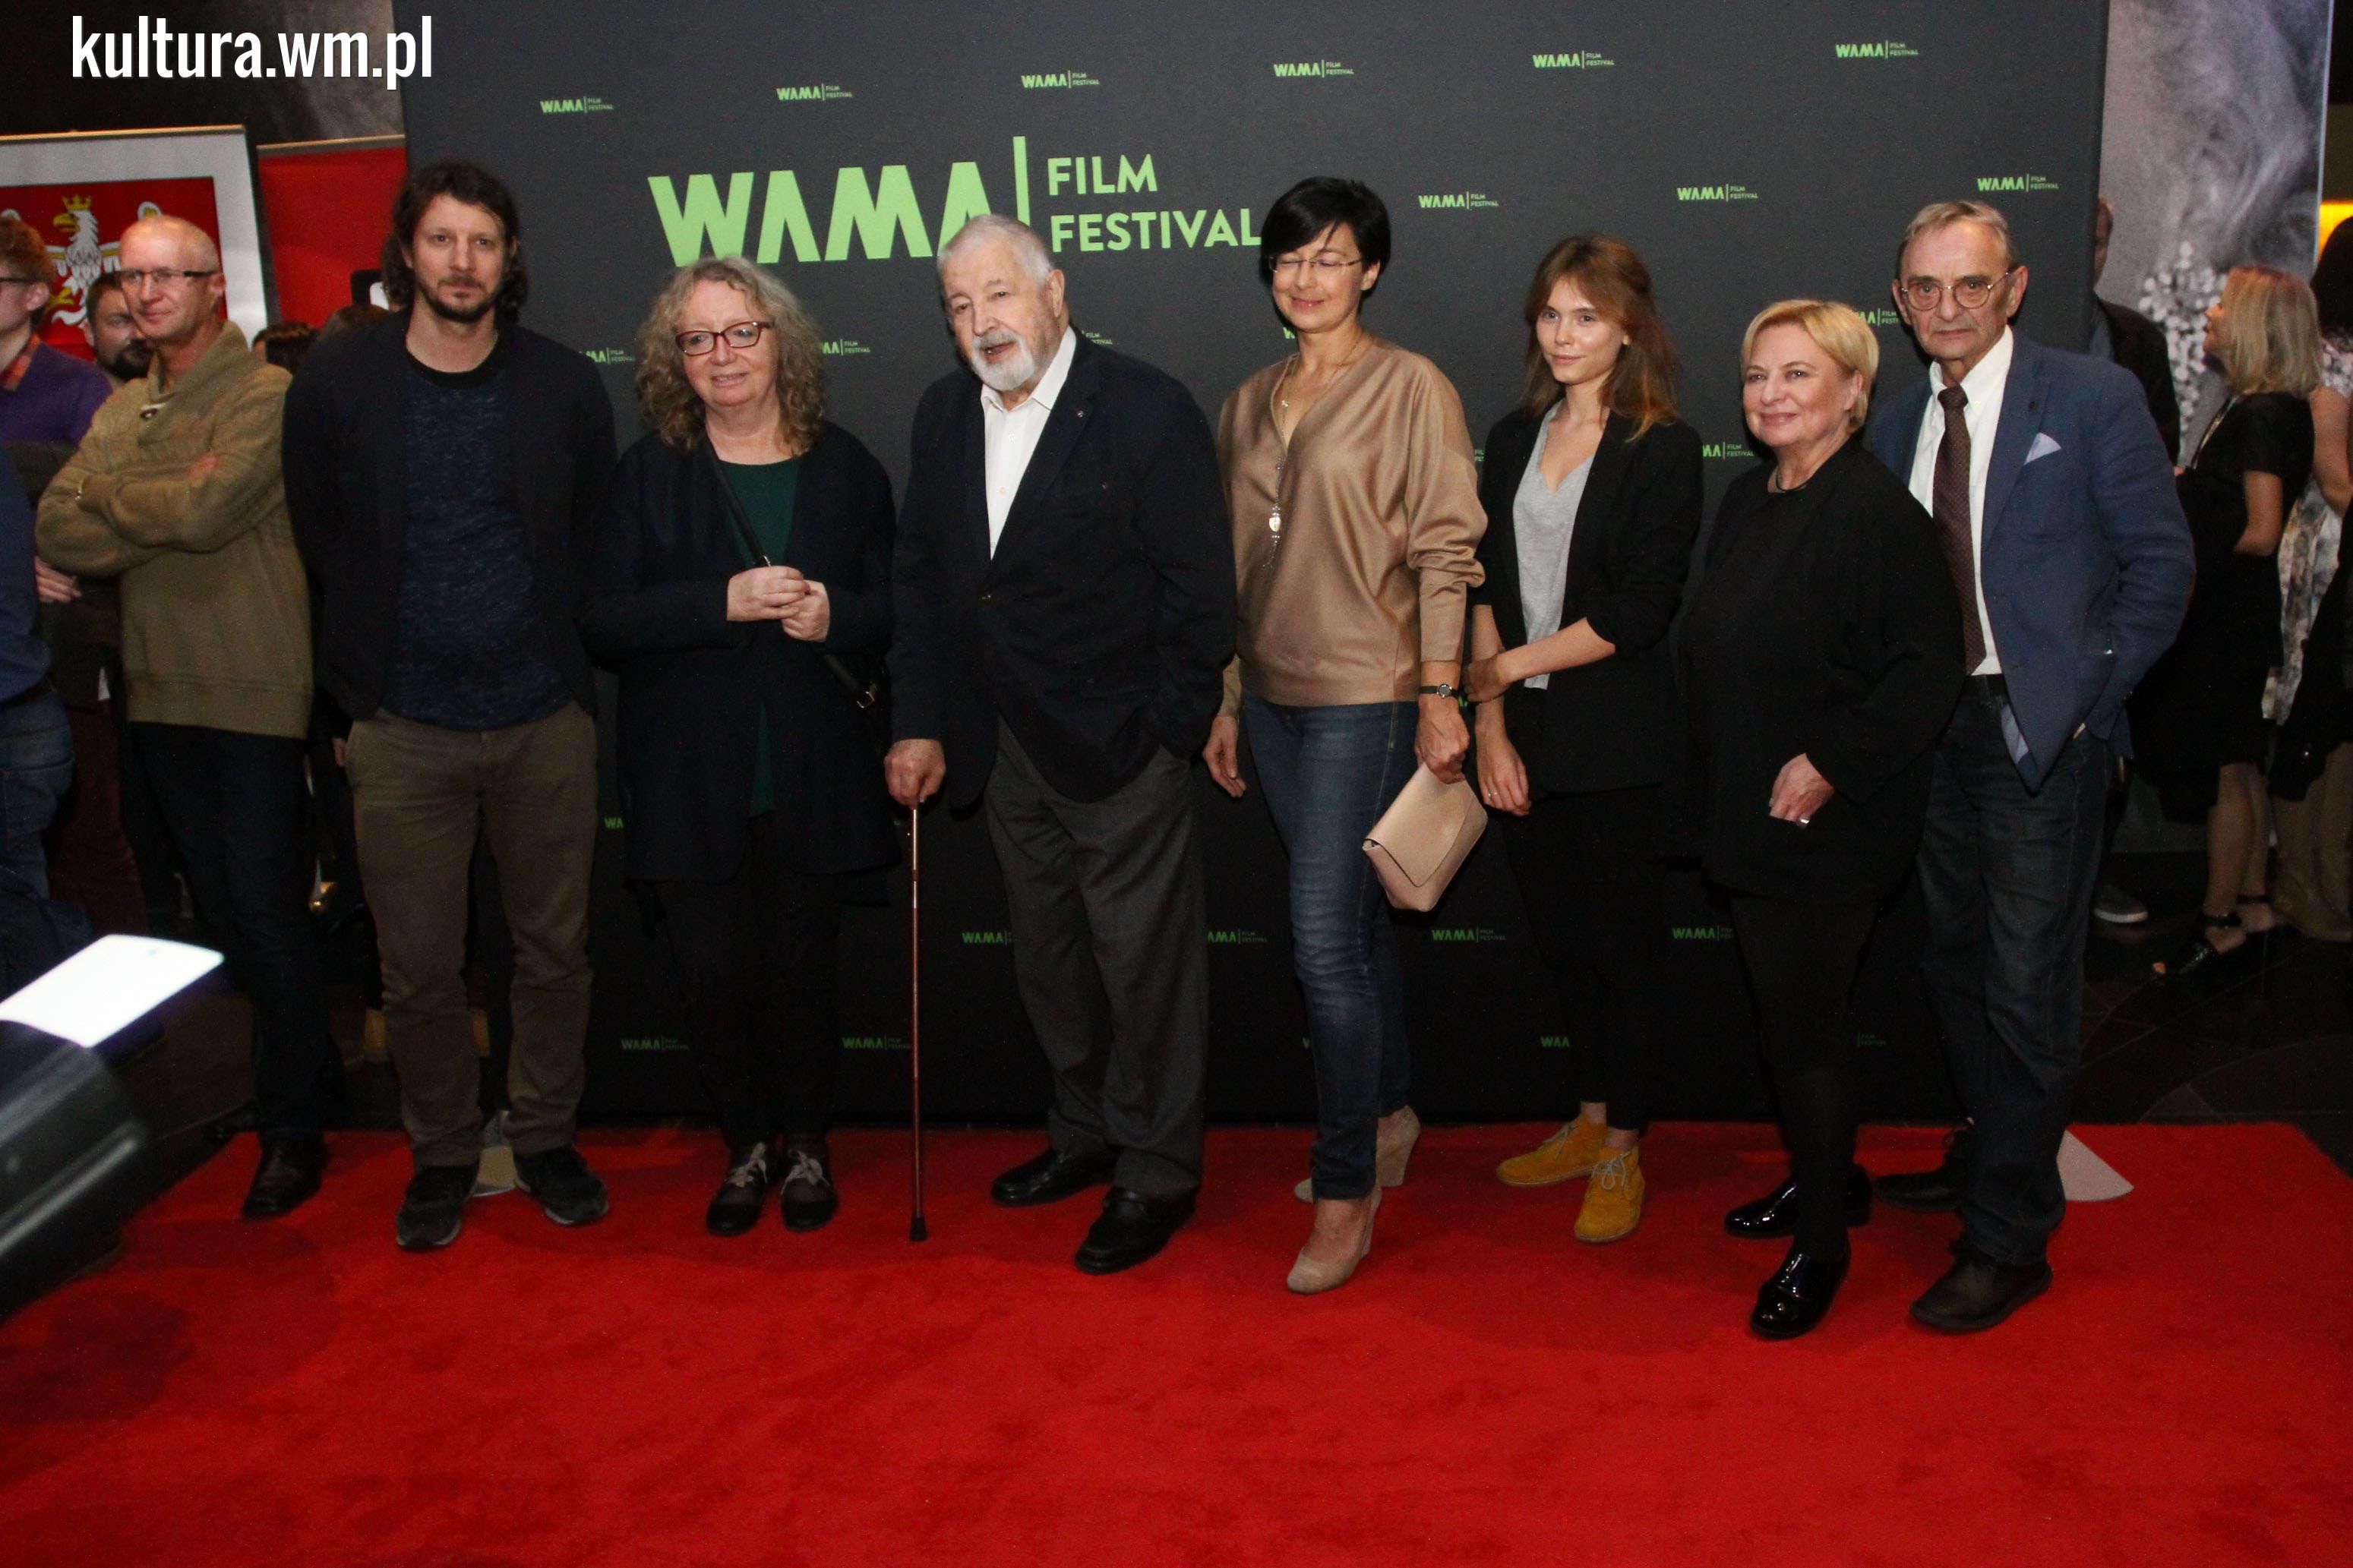 Tysiące widzów na 3. edycji WAMA Festival w Olsztynie